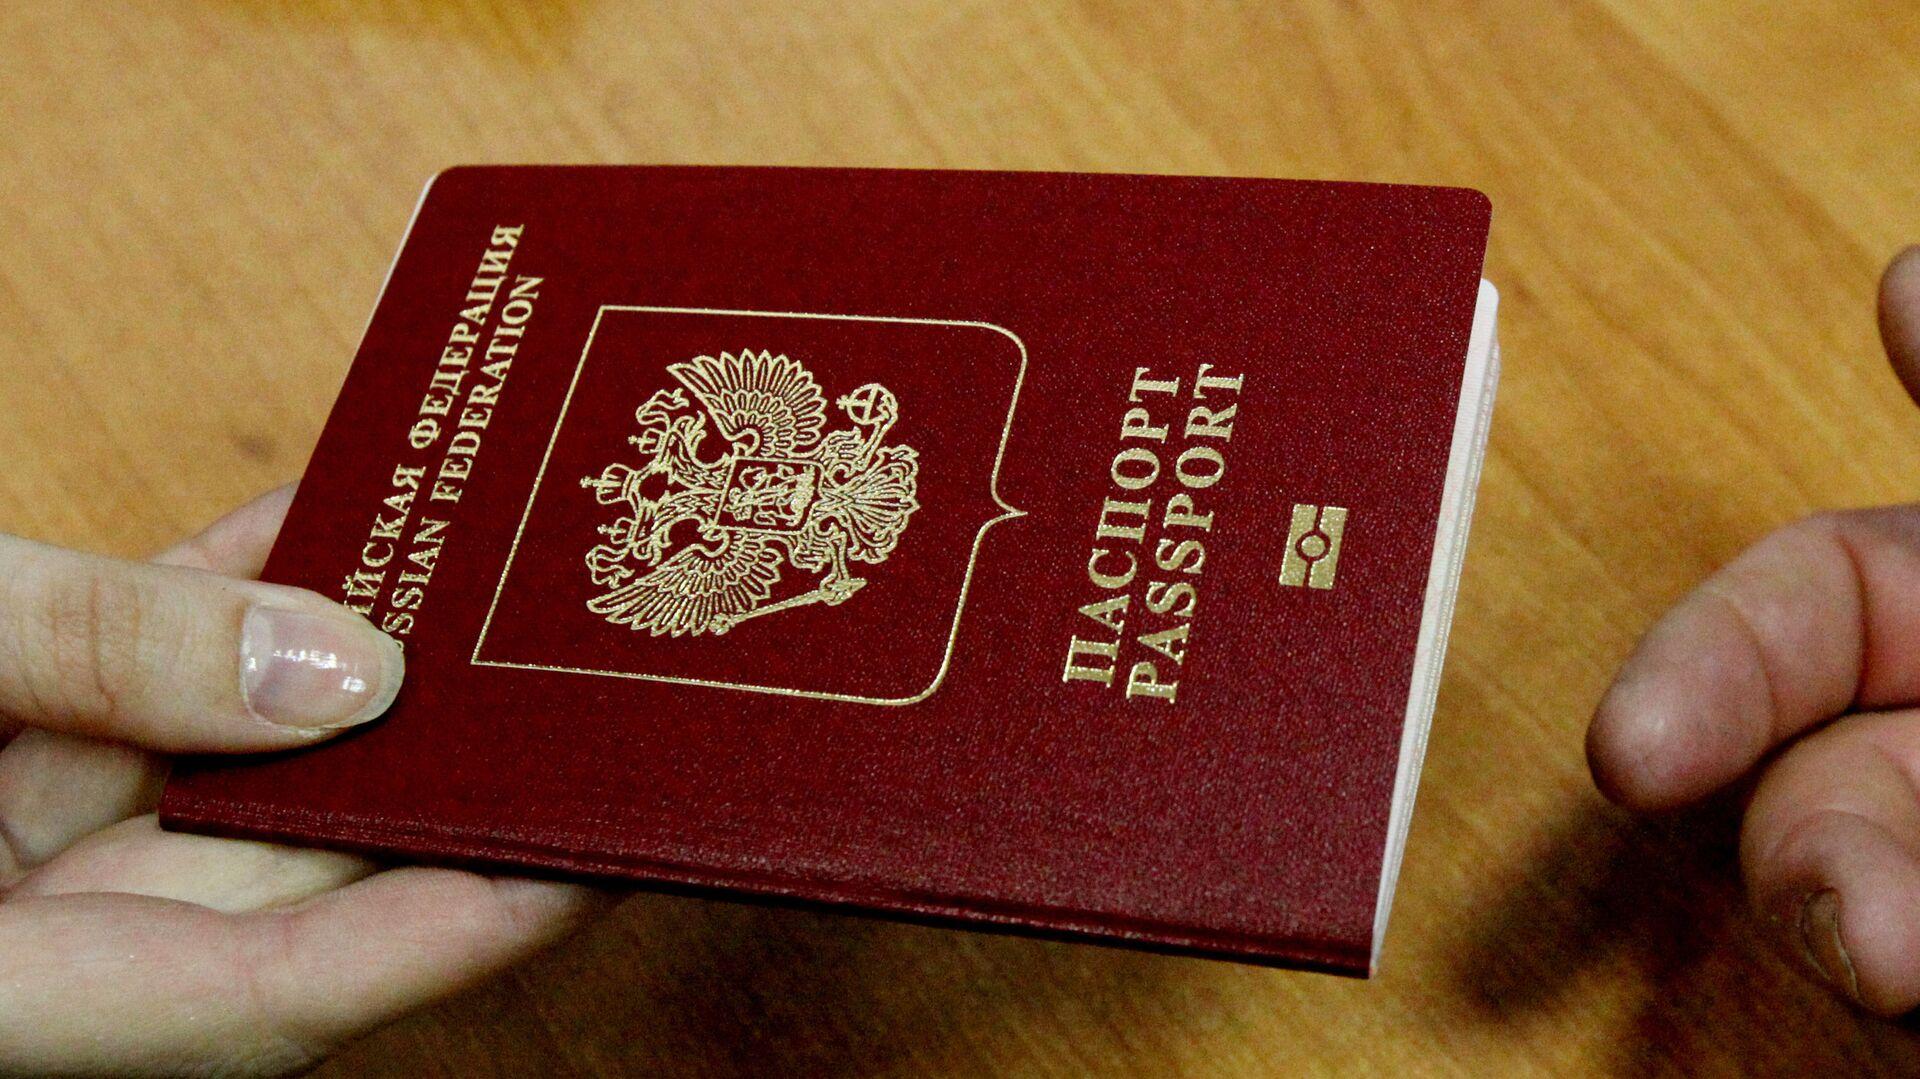 Пасош грађанина Руске Федерације - Sputnik Србија, 1920, 29.09.2021